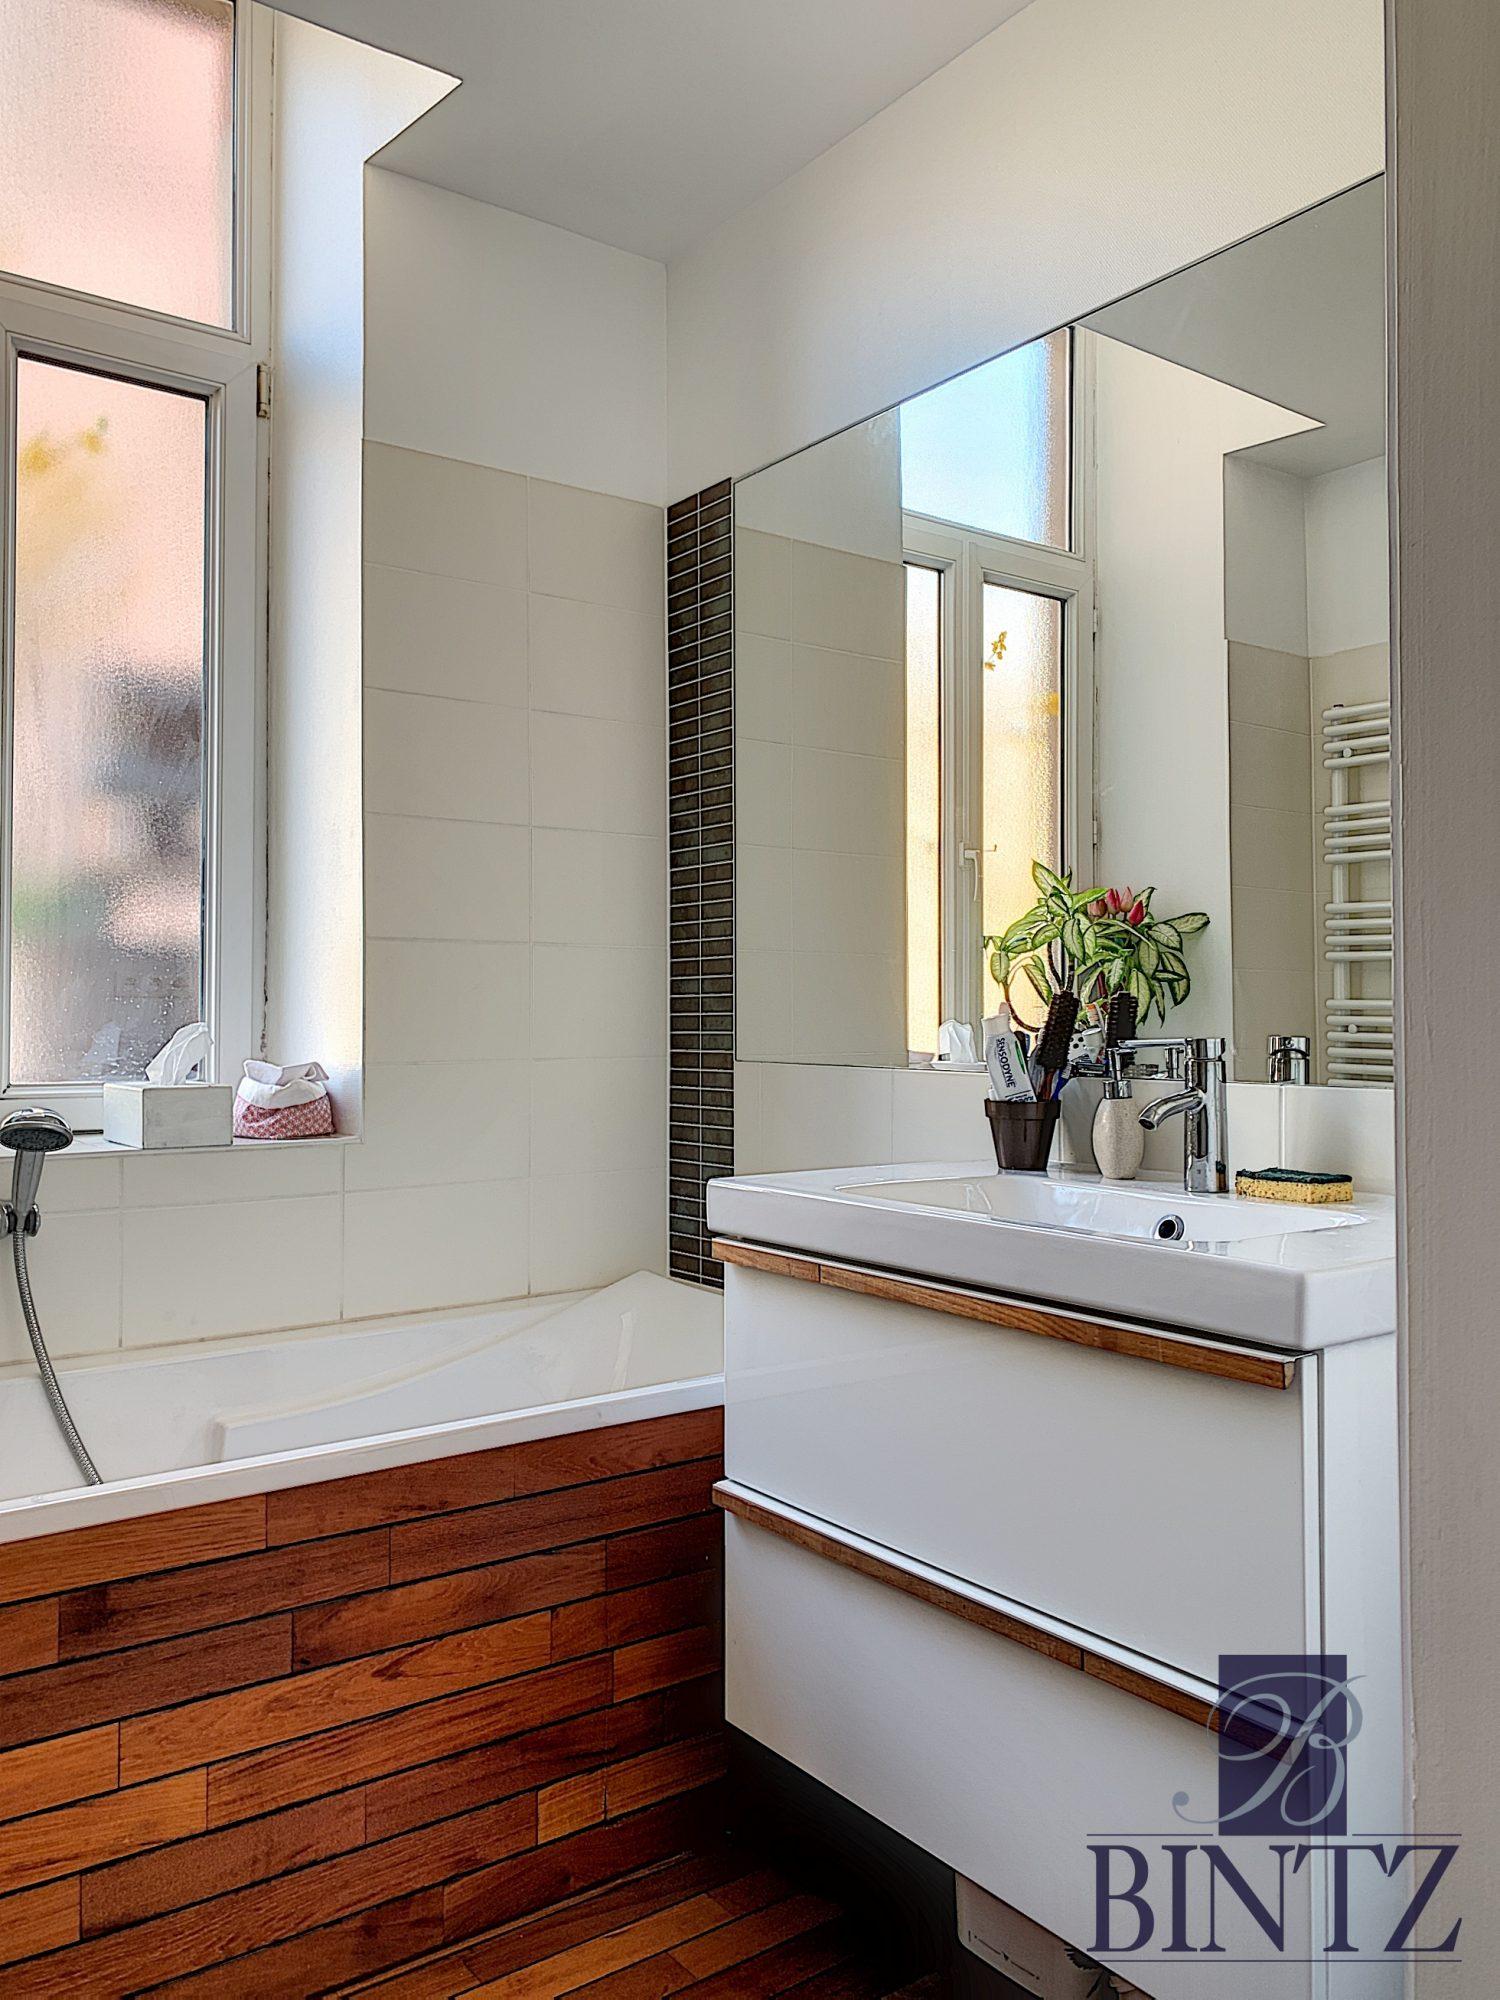 Appartement contemporain quartier forêt noire - Devenez propriétaire en toute confiance - Bintz Immobilier - 7